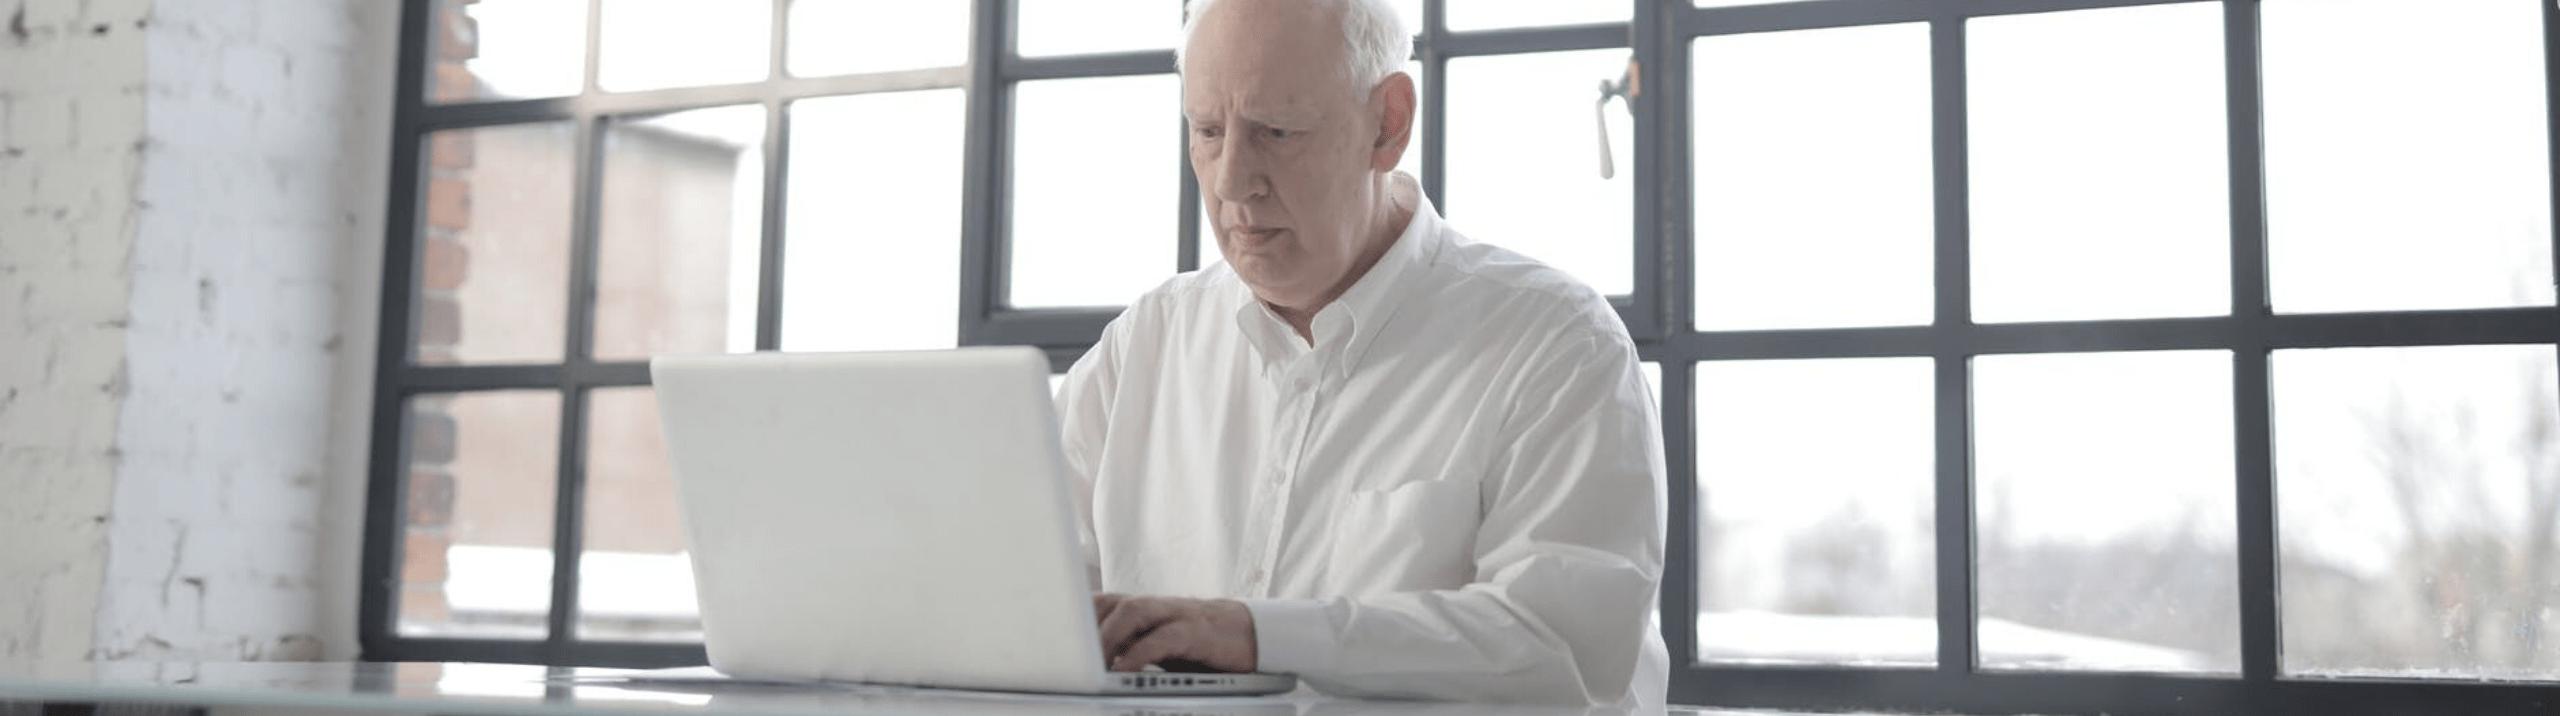 Un homme âgé assis devant un ordinateur.